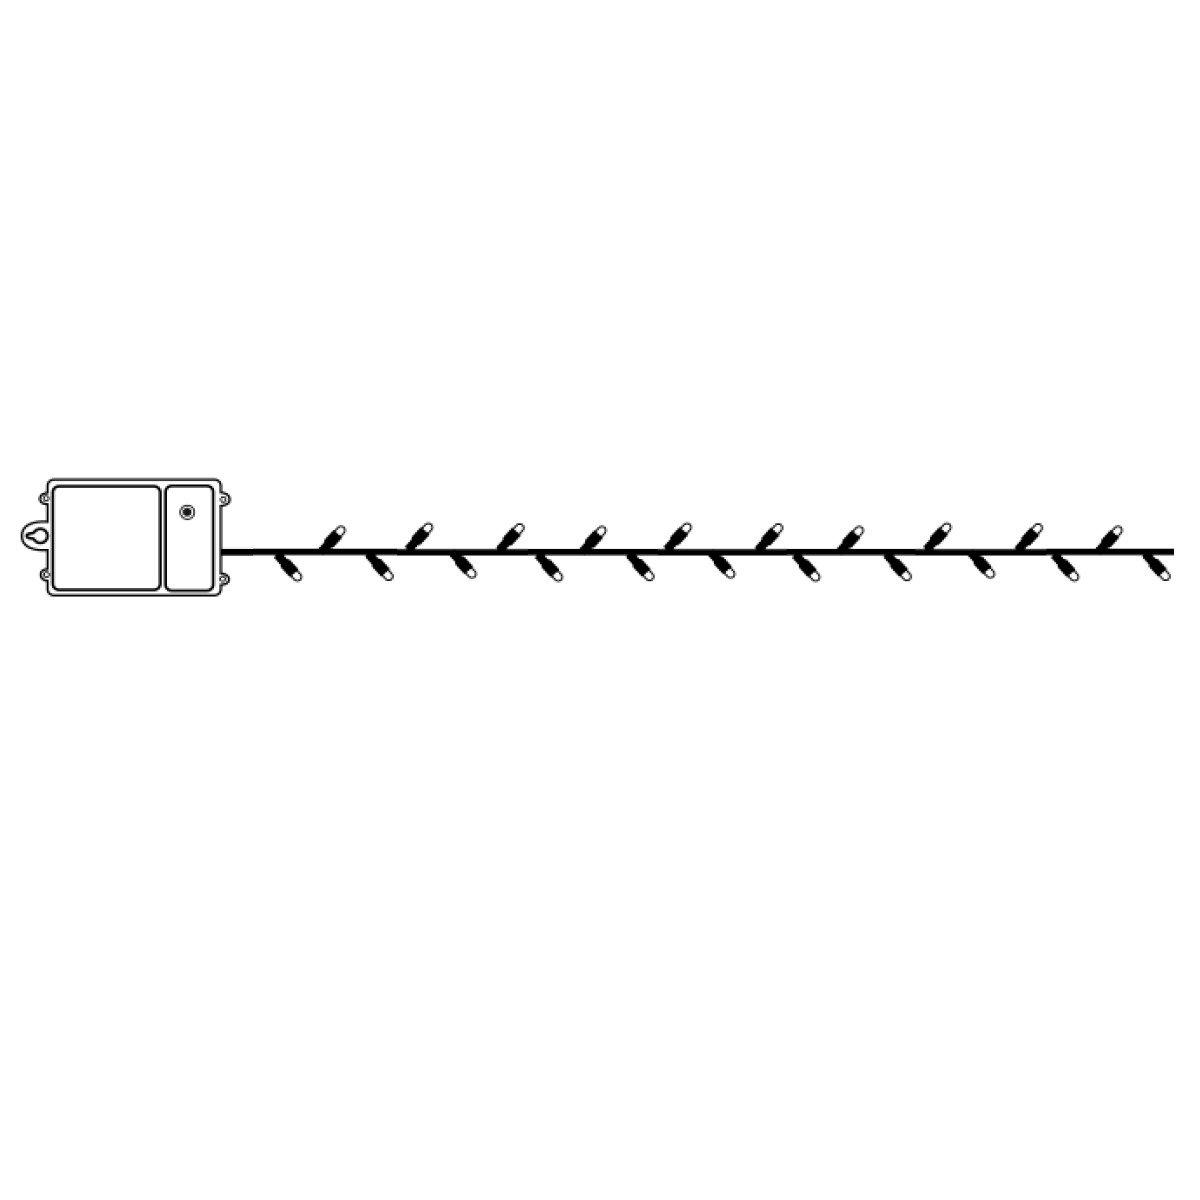 Batterie-LED-Lichterkette 160 LEDs | #3